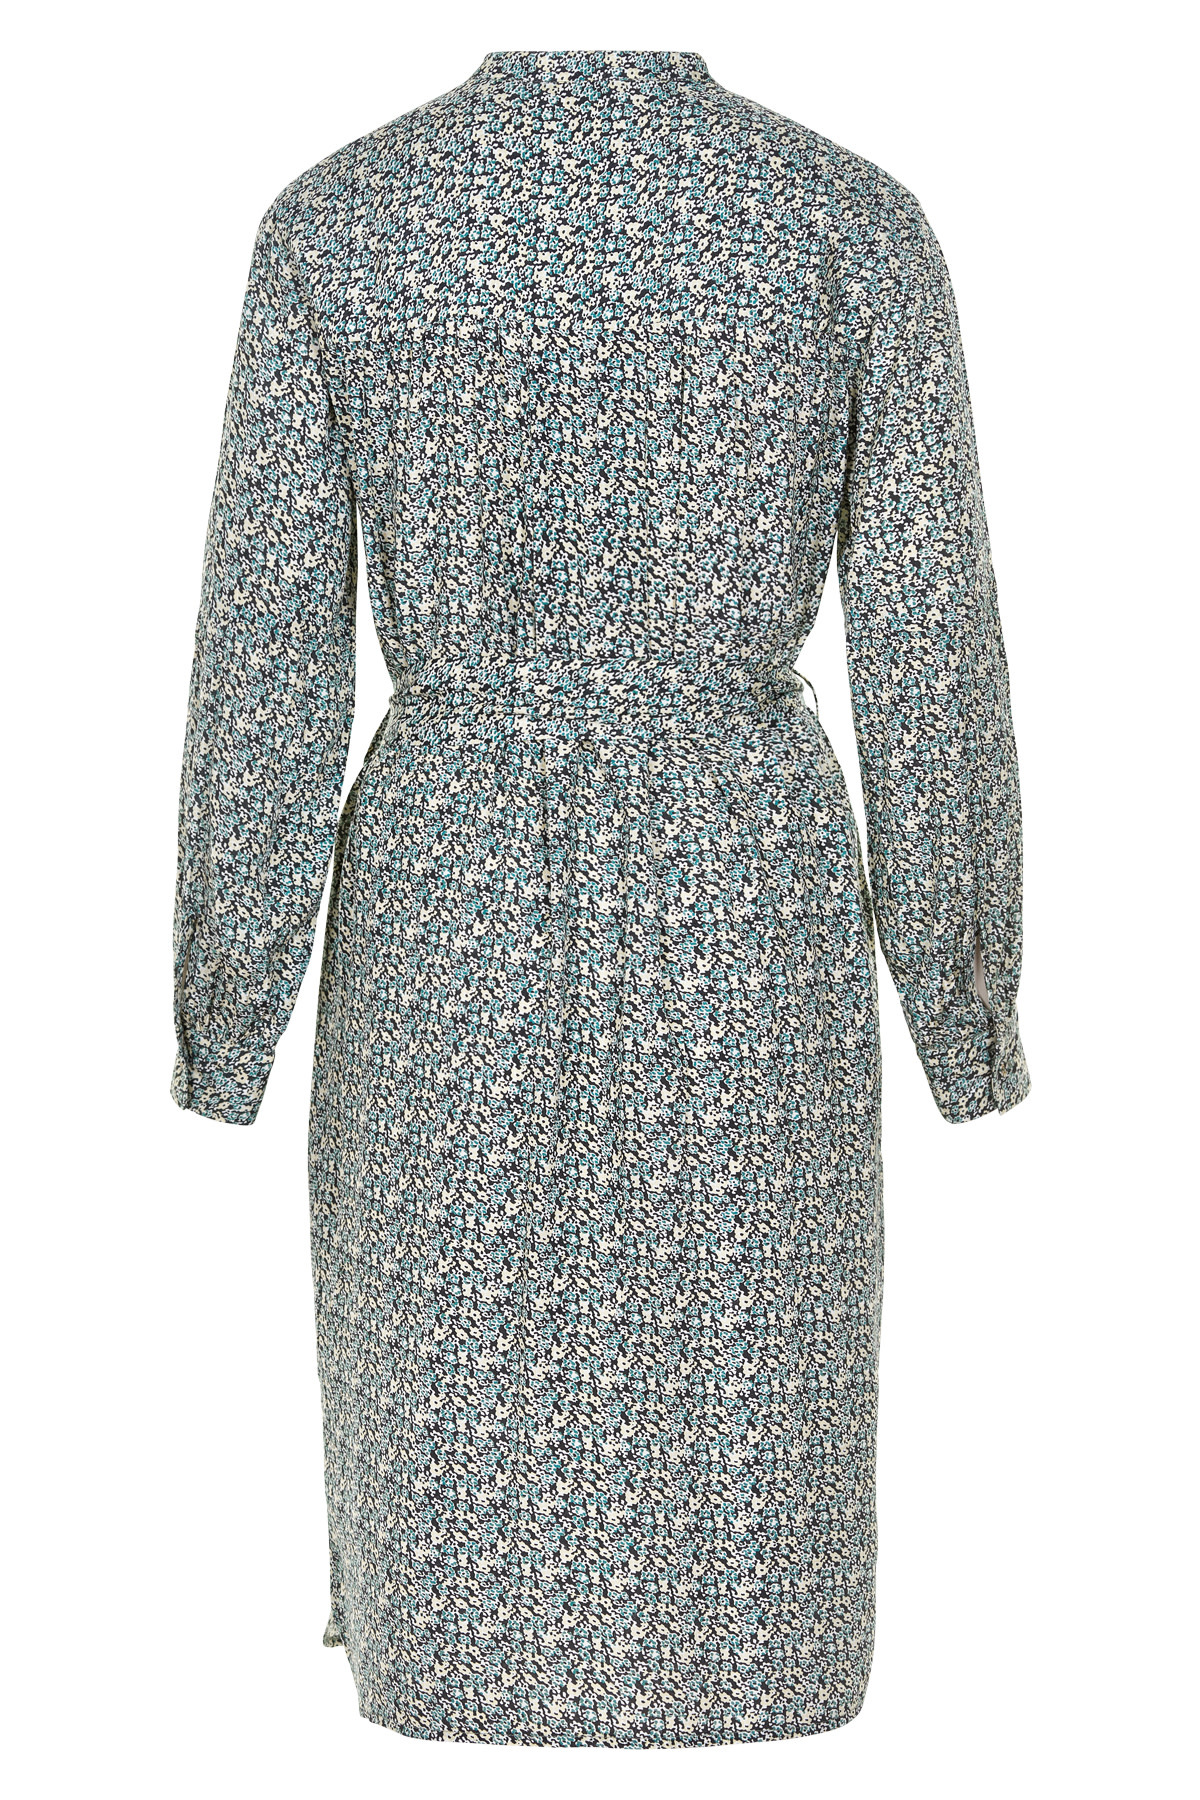 AndLess Cynzia Dress